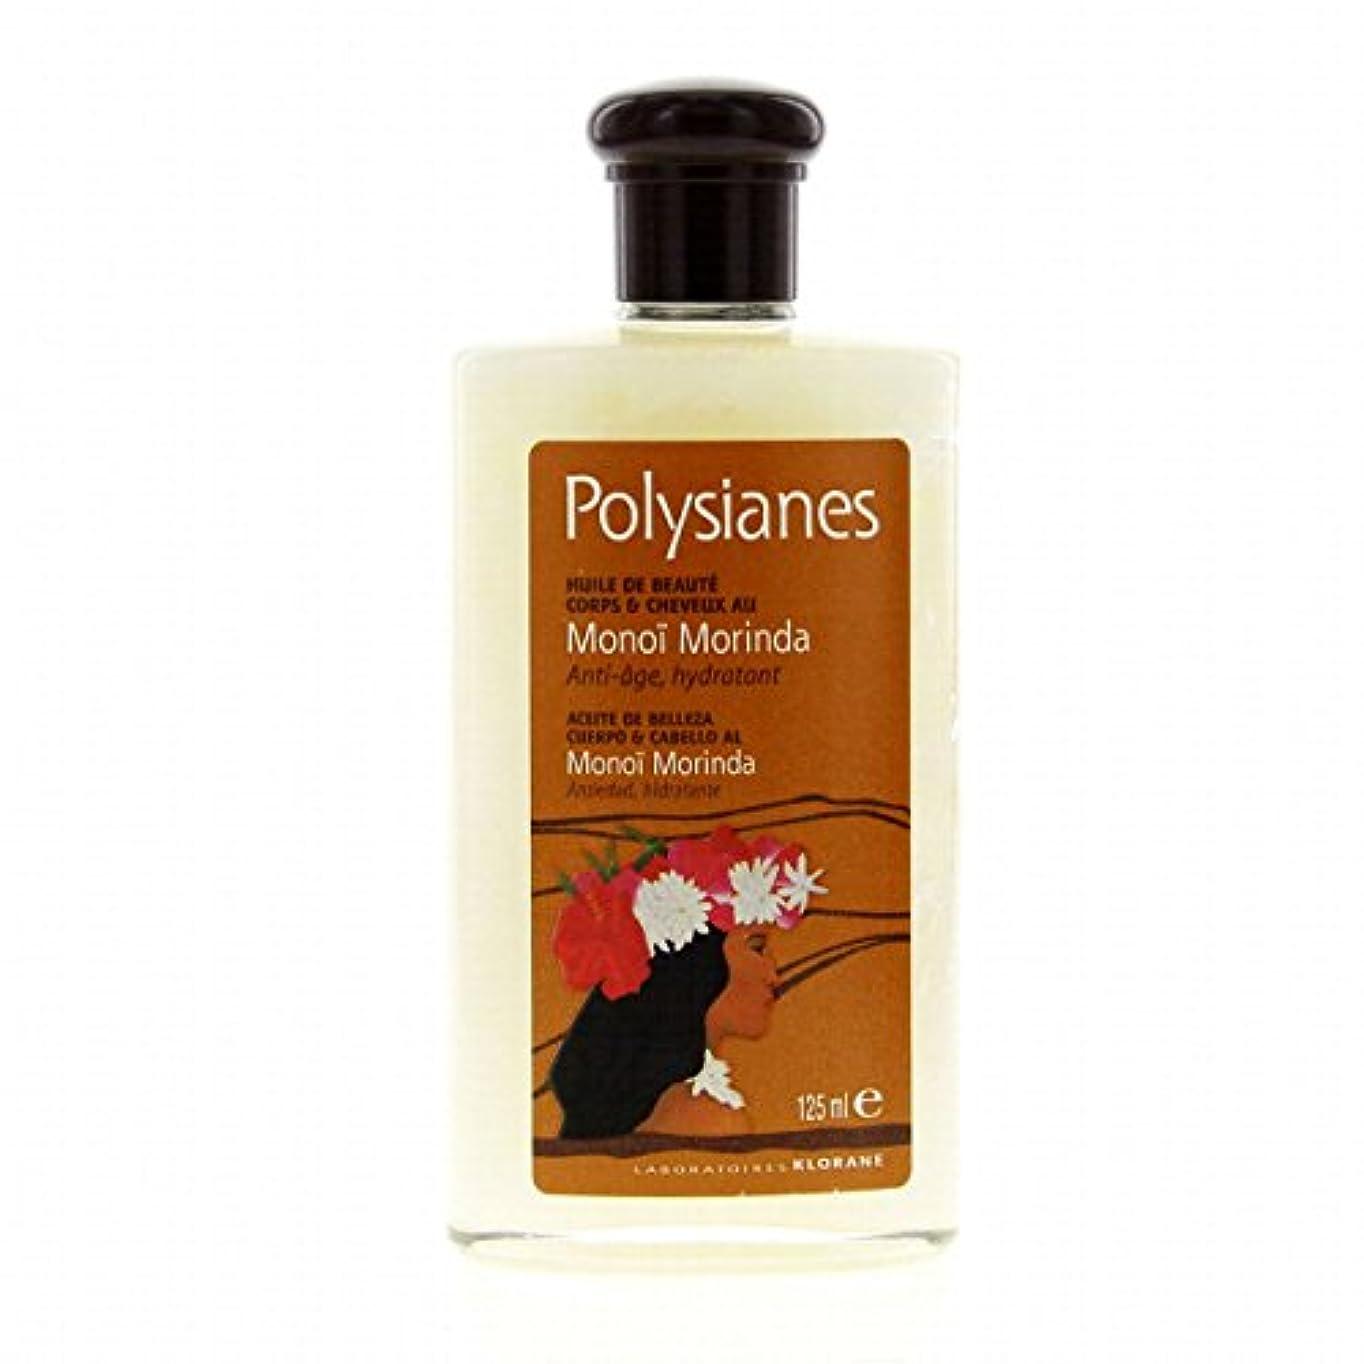 驚くばかり弁護人知事Polysianes Beauty Oil With Morinda Mono Body And Hair 125ml [並行輸入品]